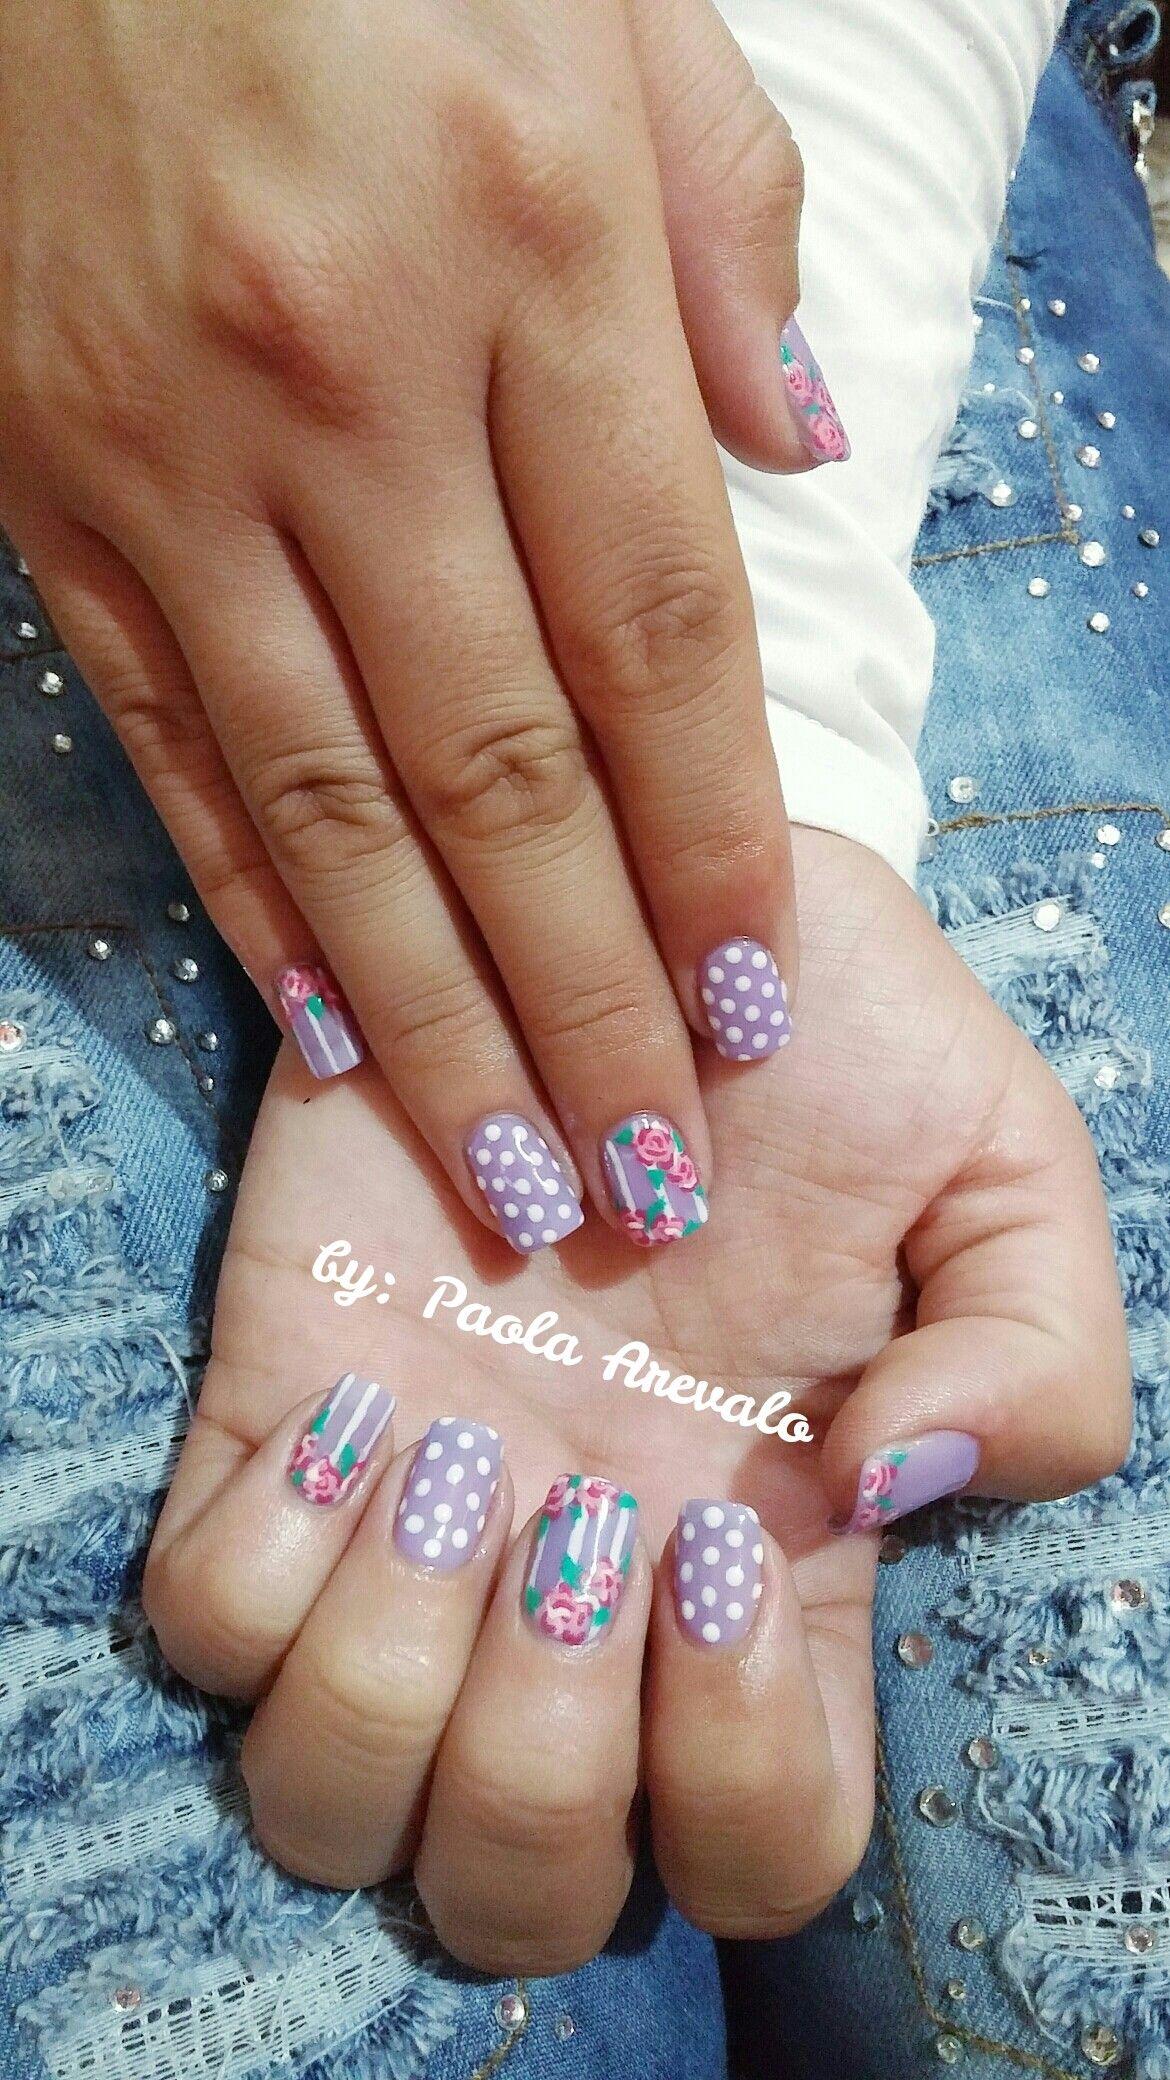 Uñas gelish moradas decoradas con flores rosadas, puntos y lineas ...